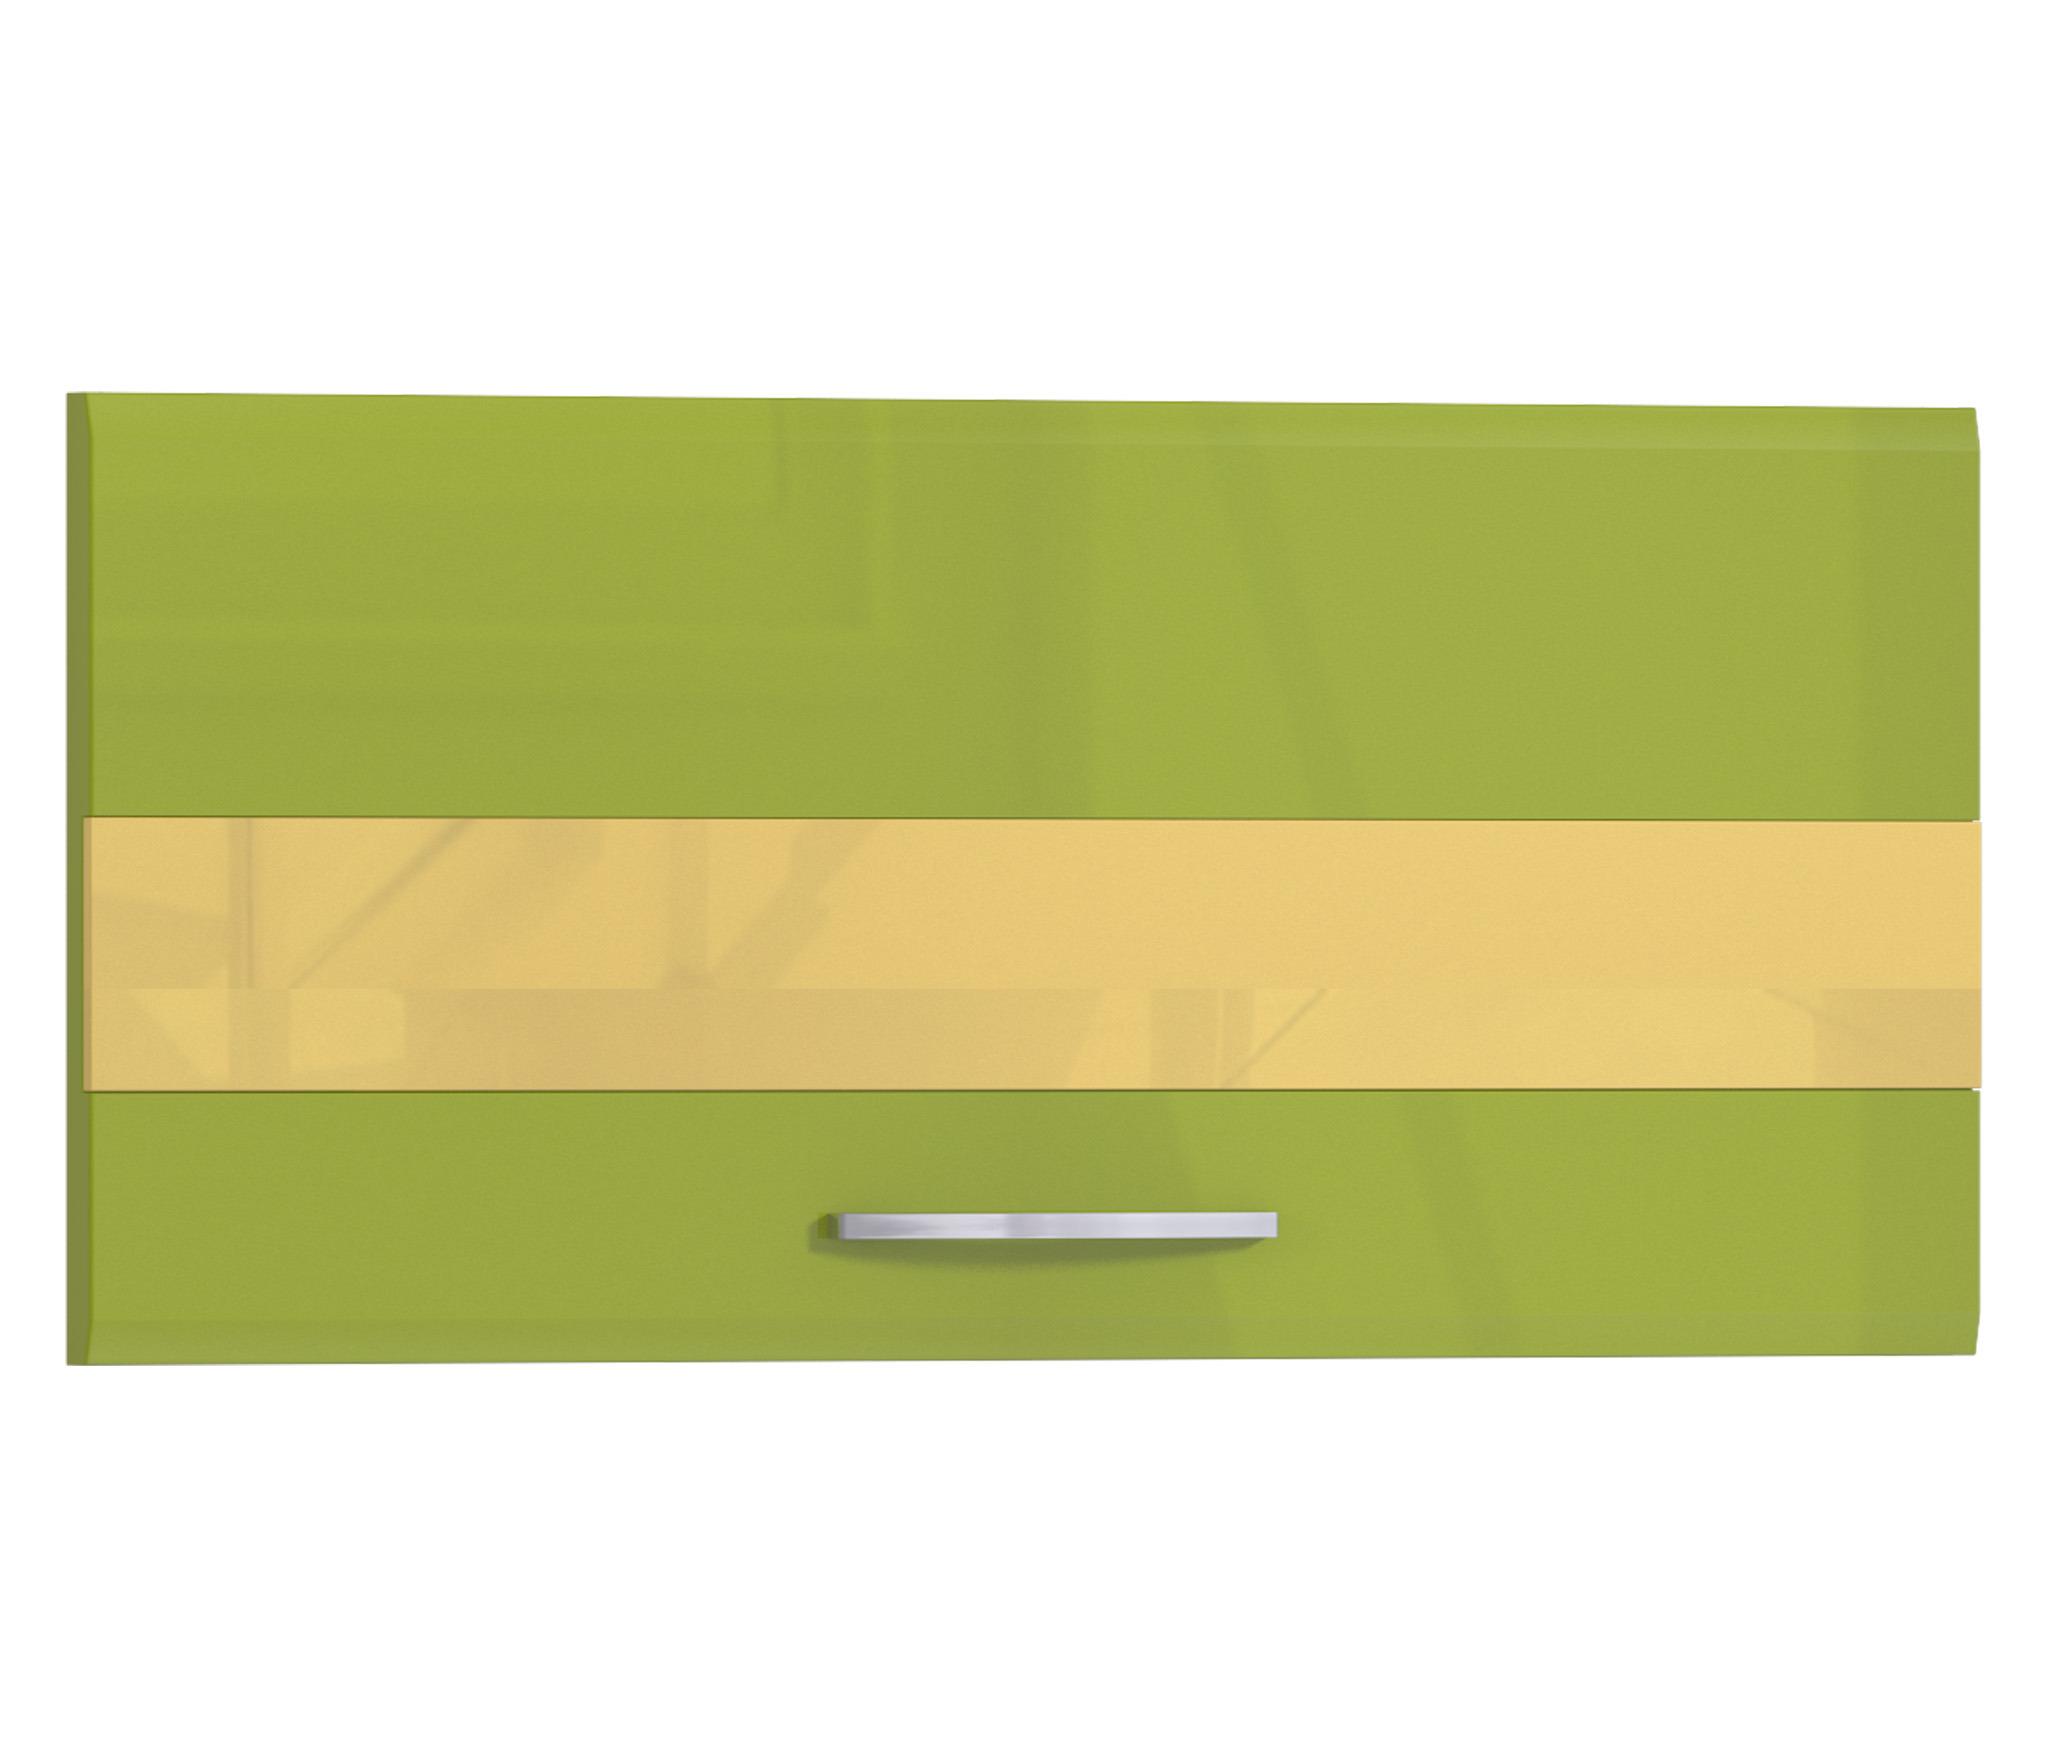 Фасад Регина Ф-280 к корпусу РП-280Мебель для кухни<br>Дверца, закрывающая верхнее отделение шкафа.<br><br>Длина мм: 796<br>Высота мм: 355<br>Глубина мм: 22